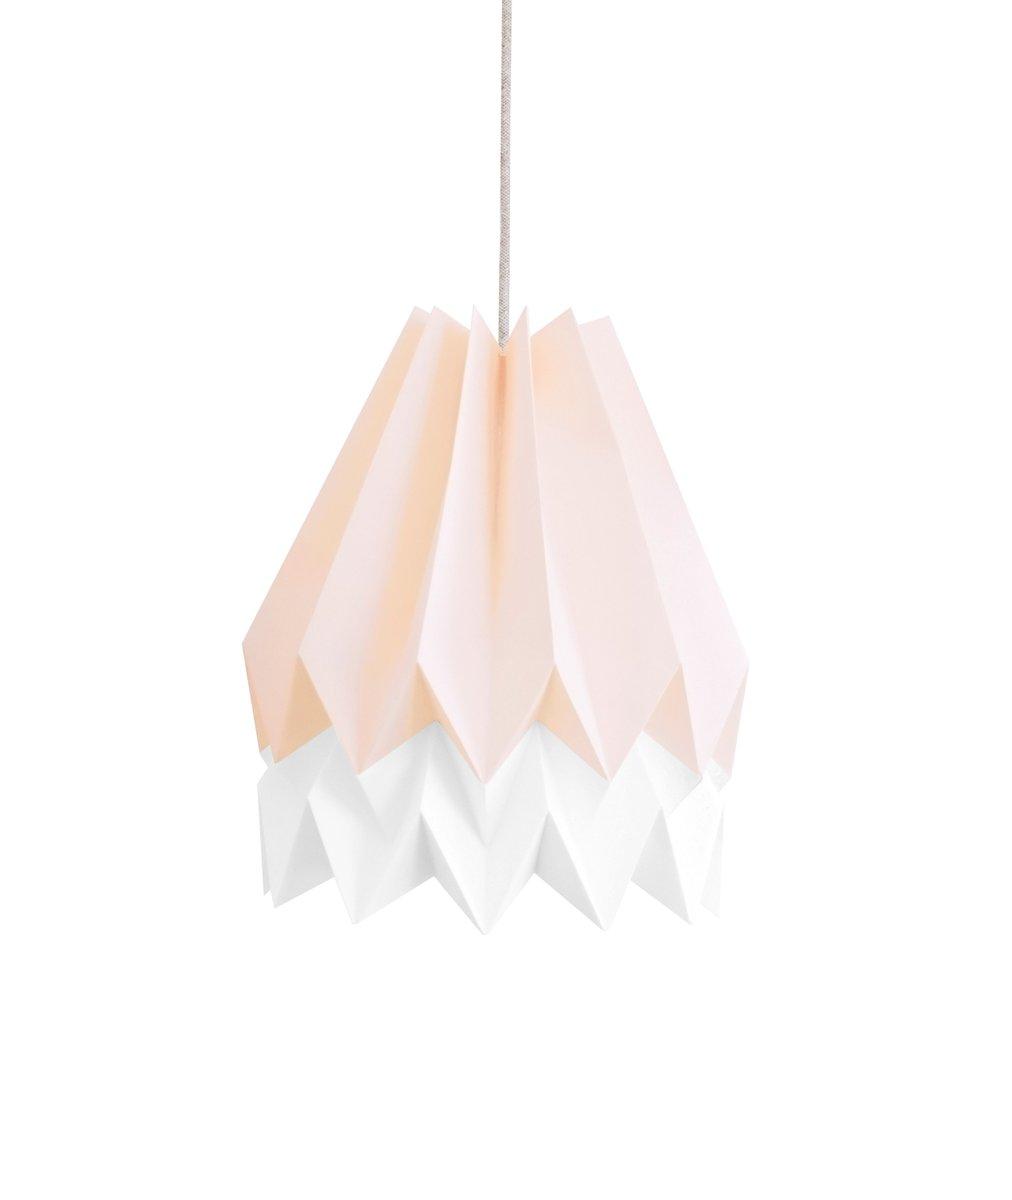 Origami Lampenschirm in Rosa & Weiß von Orikomi